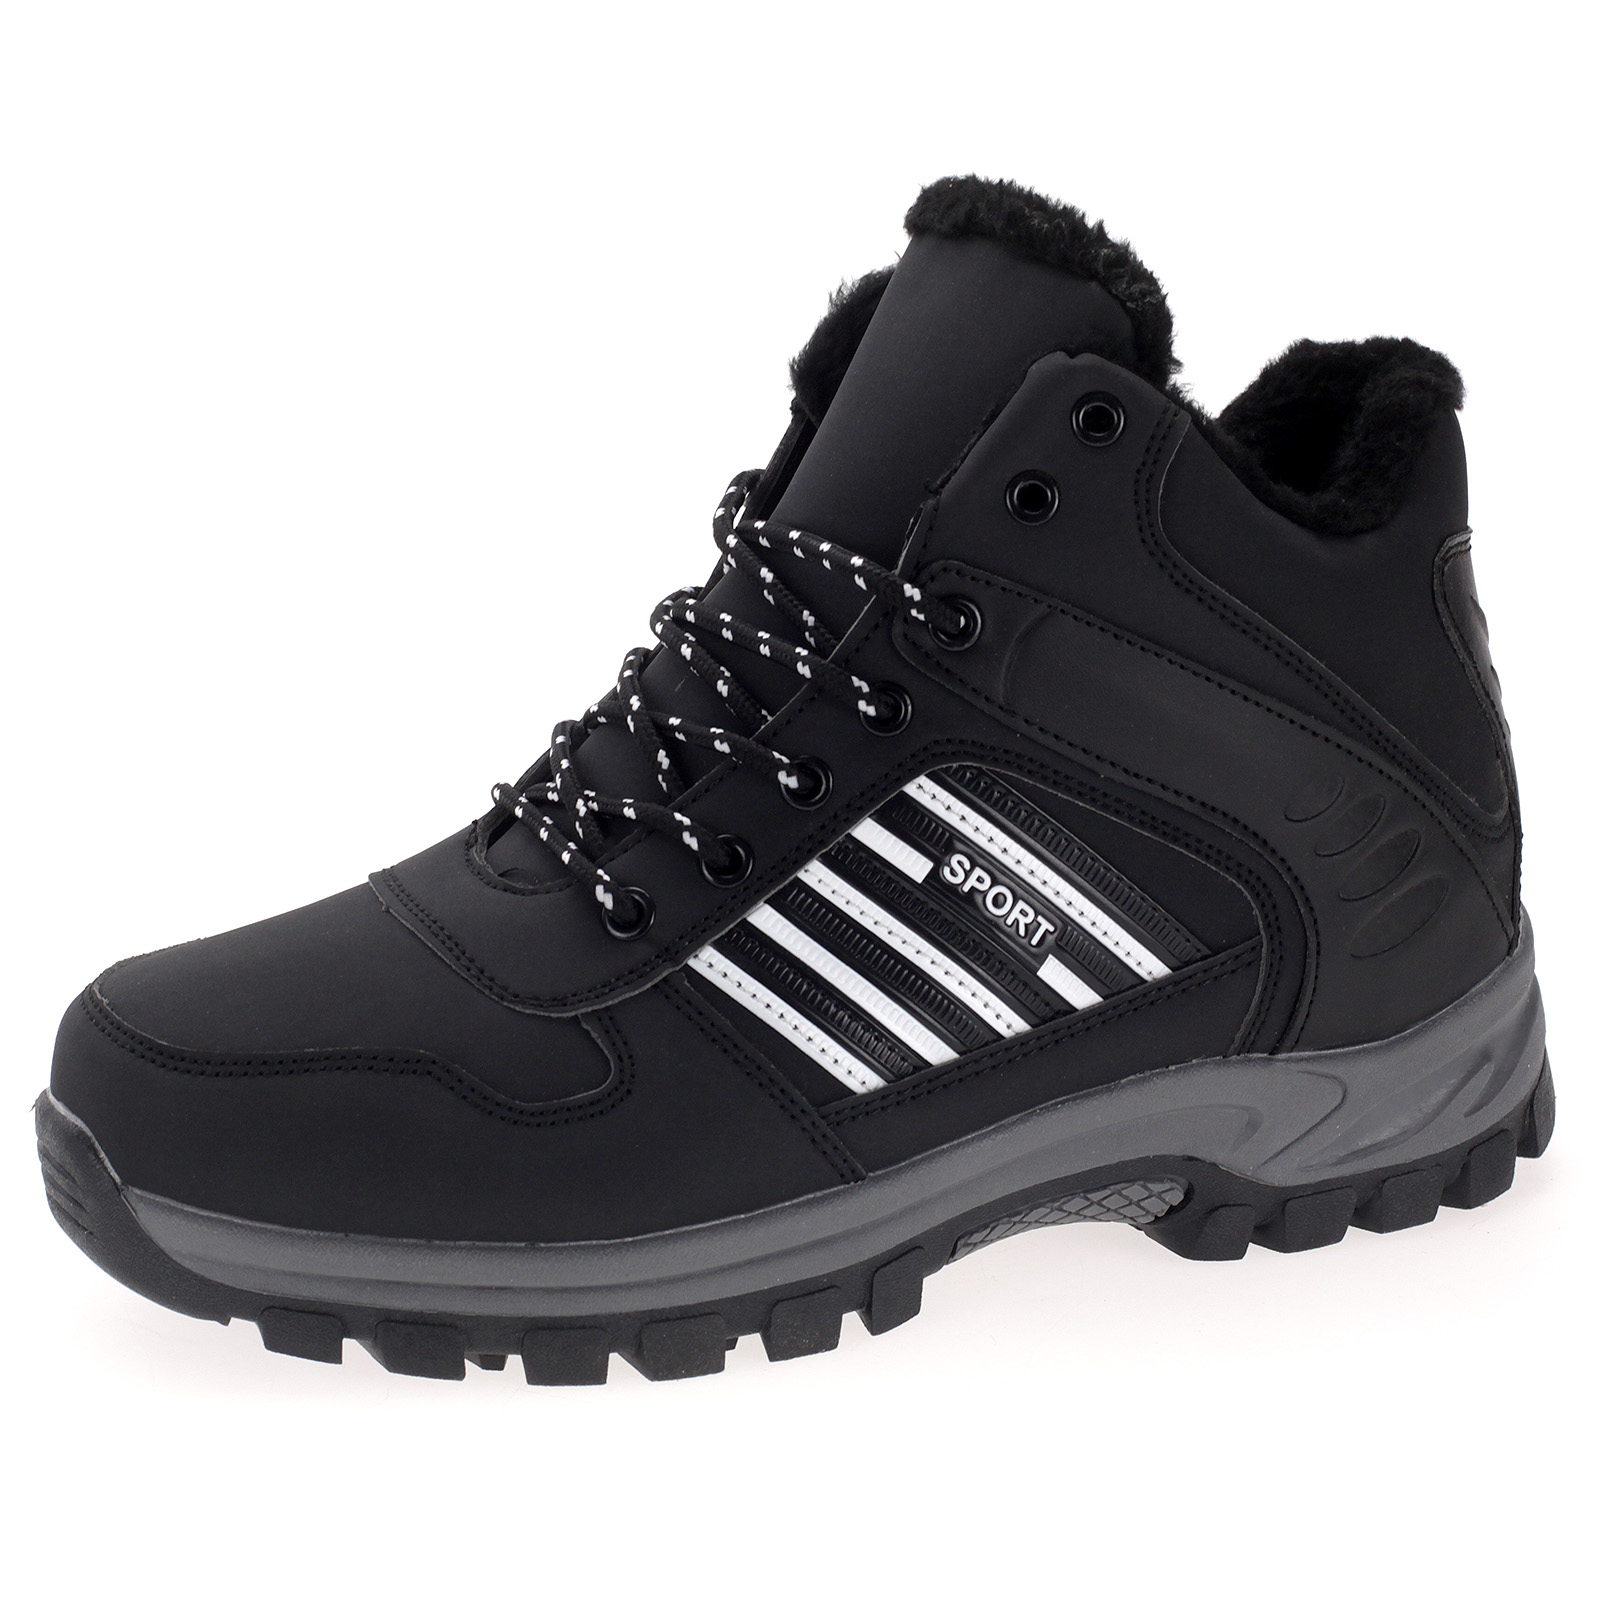 Herren Stiefel Boots Outdoor Wanderschuhe Trekking Winterschuhe Gefüttert ABM5085